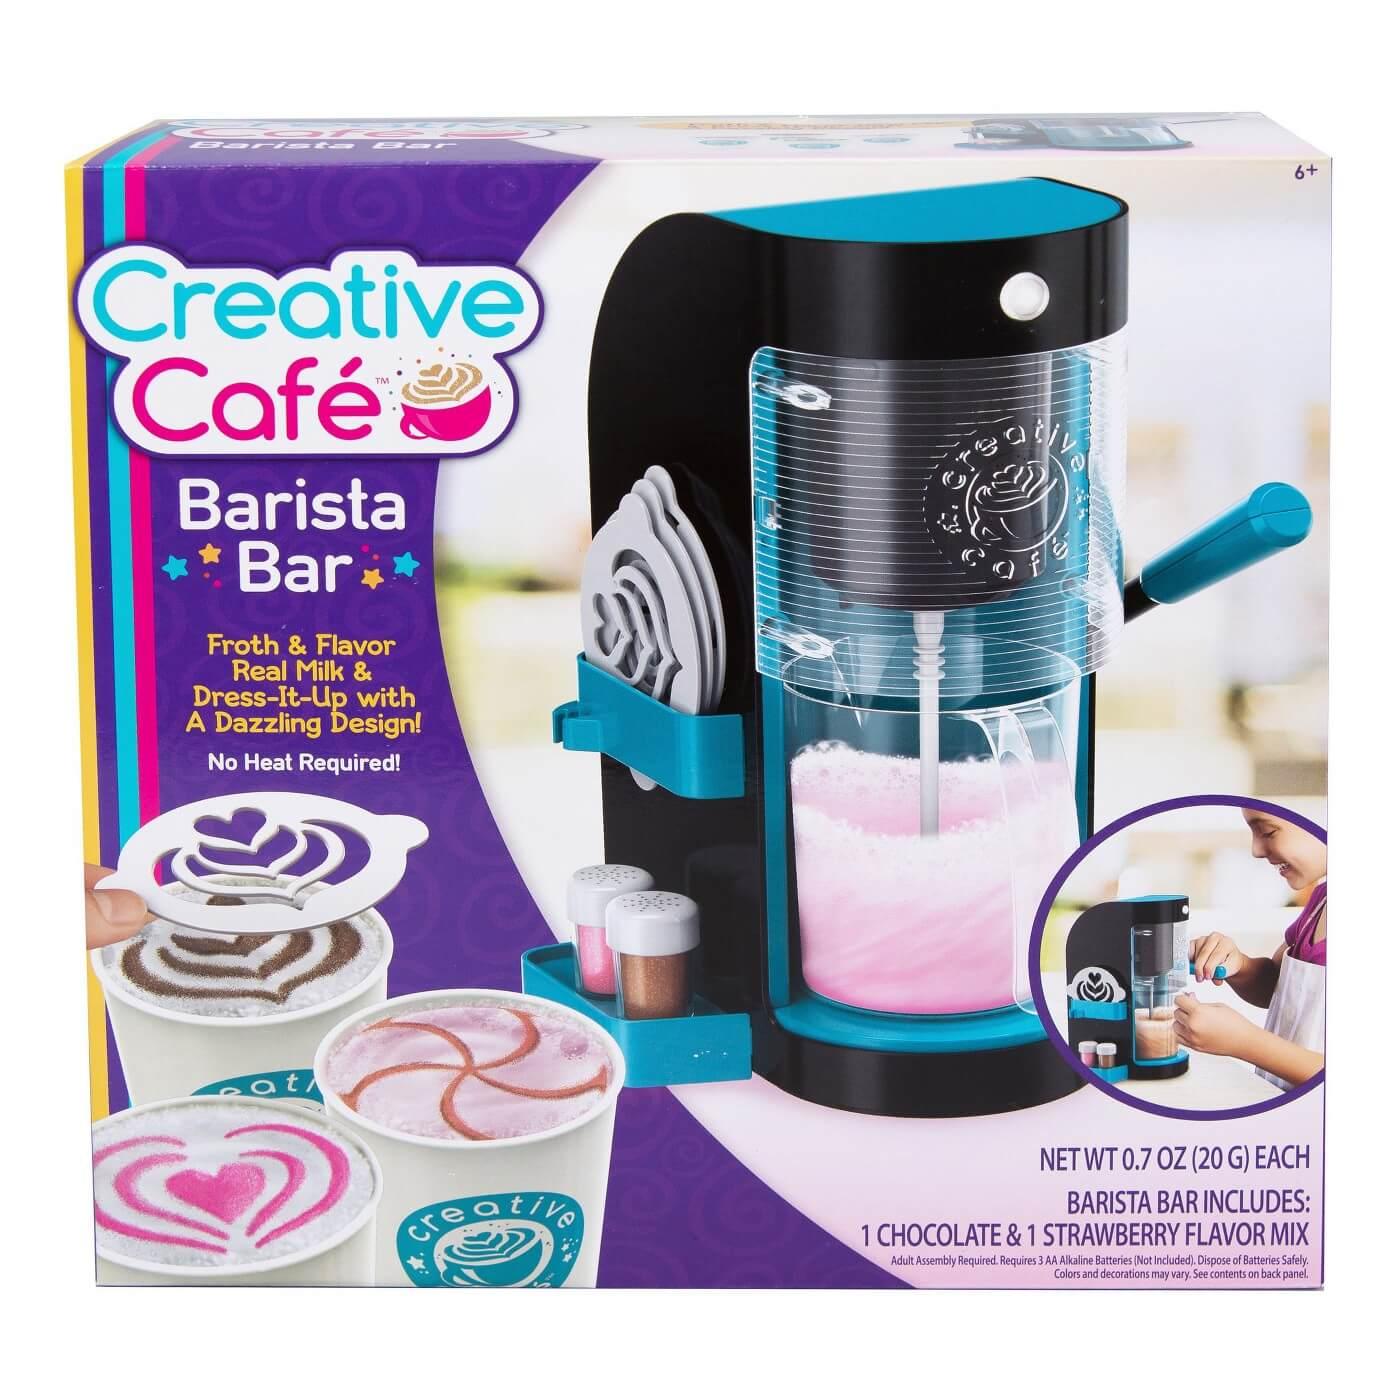 Creative Cafe Barista Bar by Rose Art